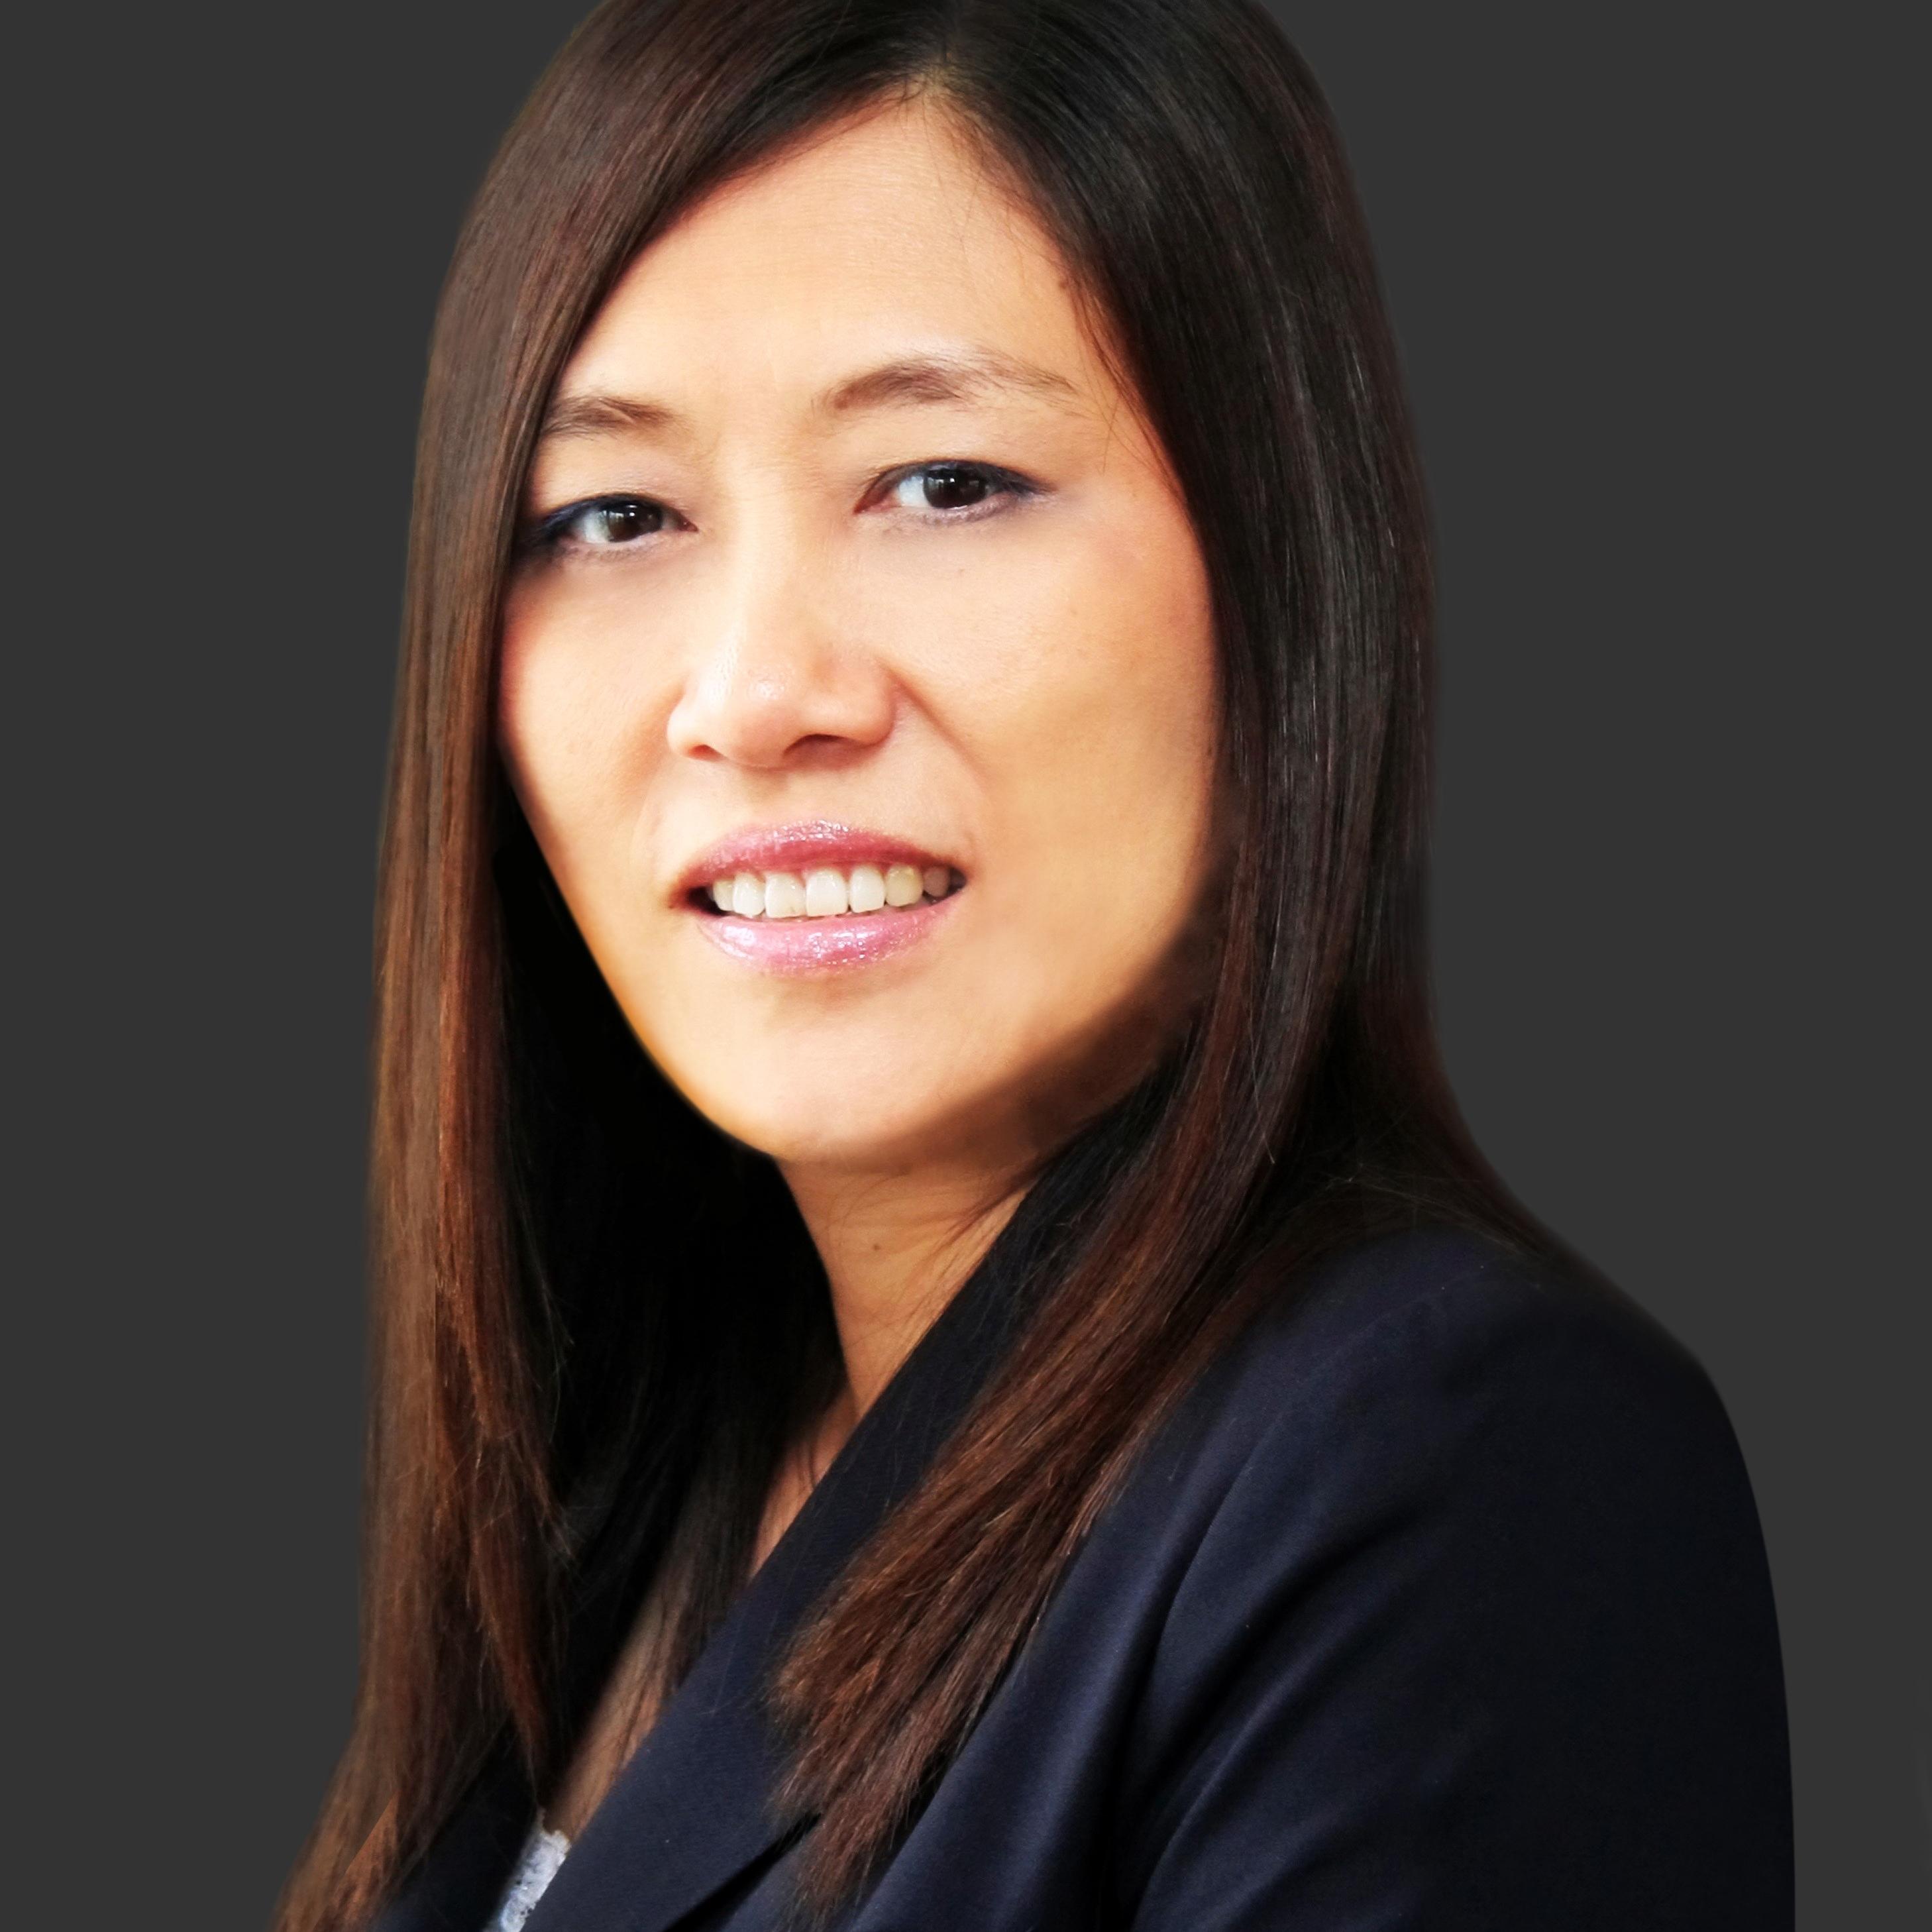 Dr. Jaclyn Lee